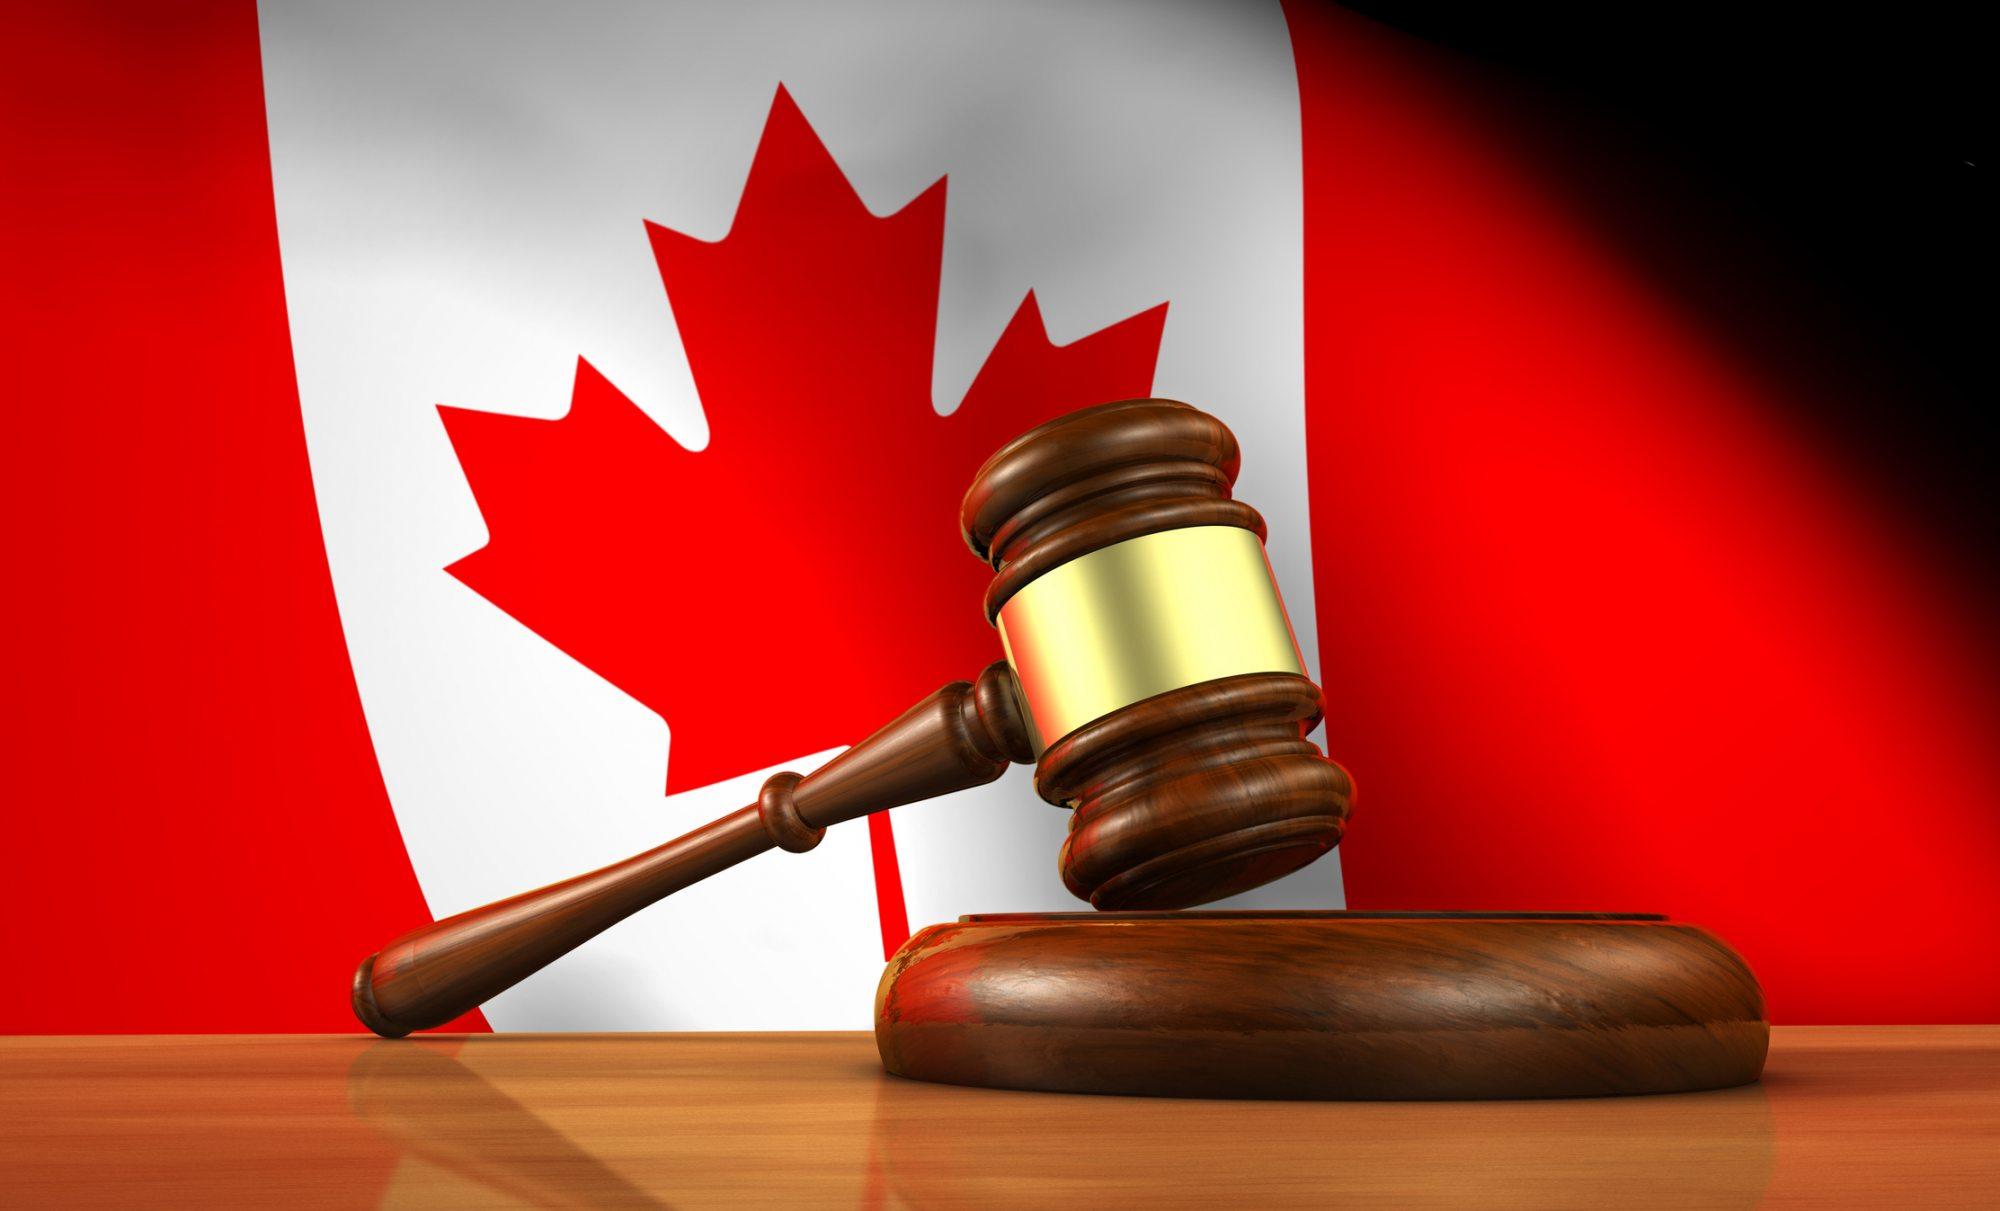 image of gavel lying on Canadian flag